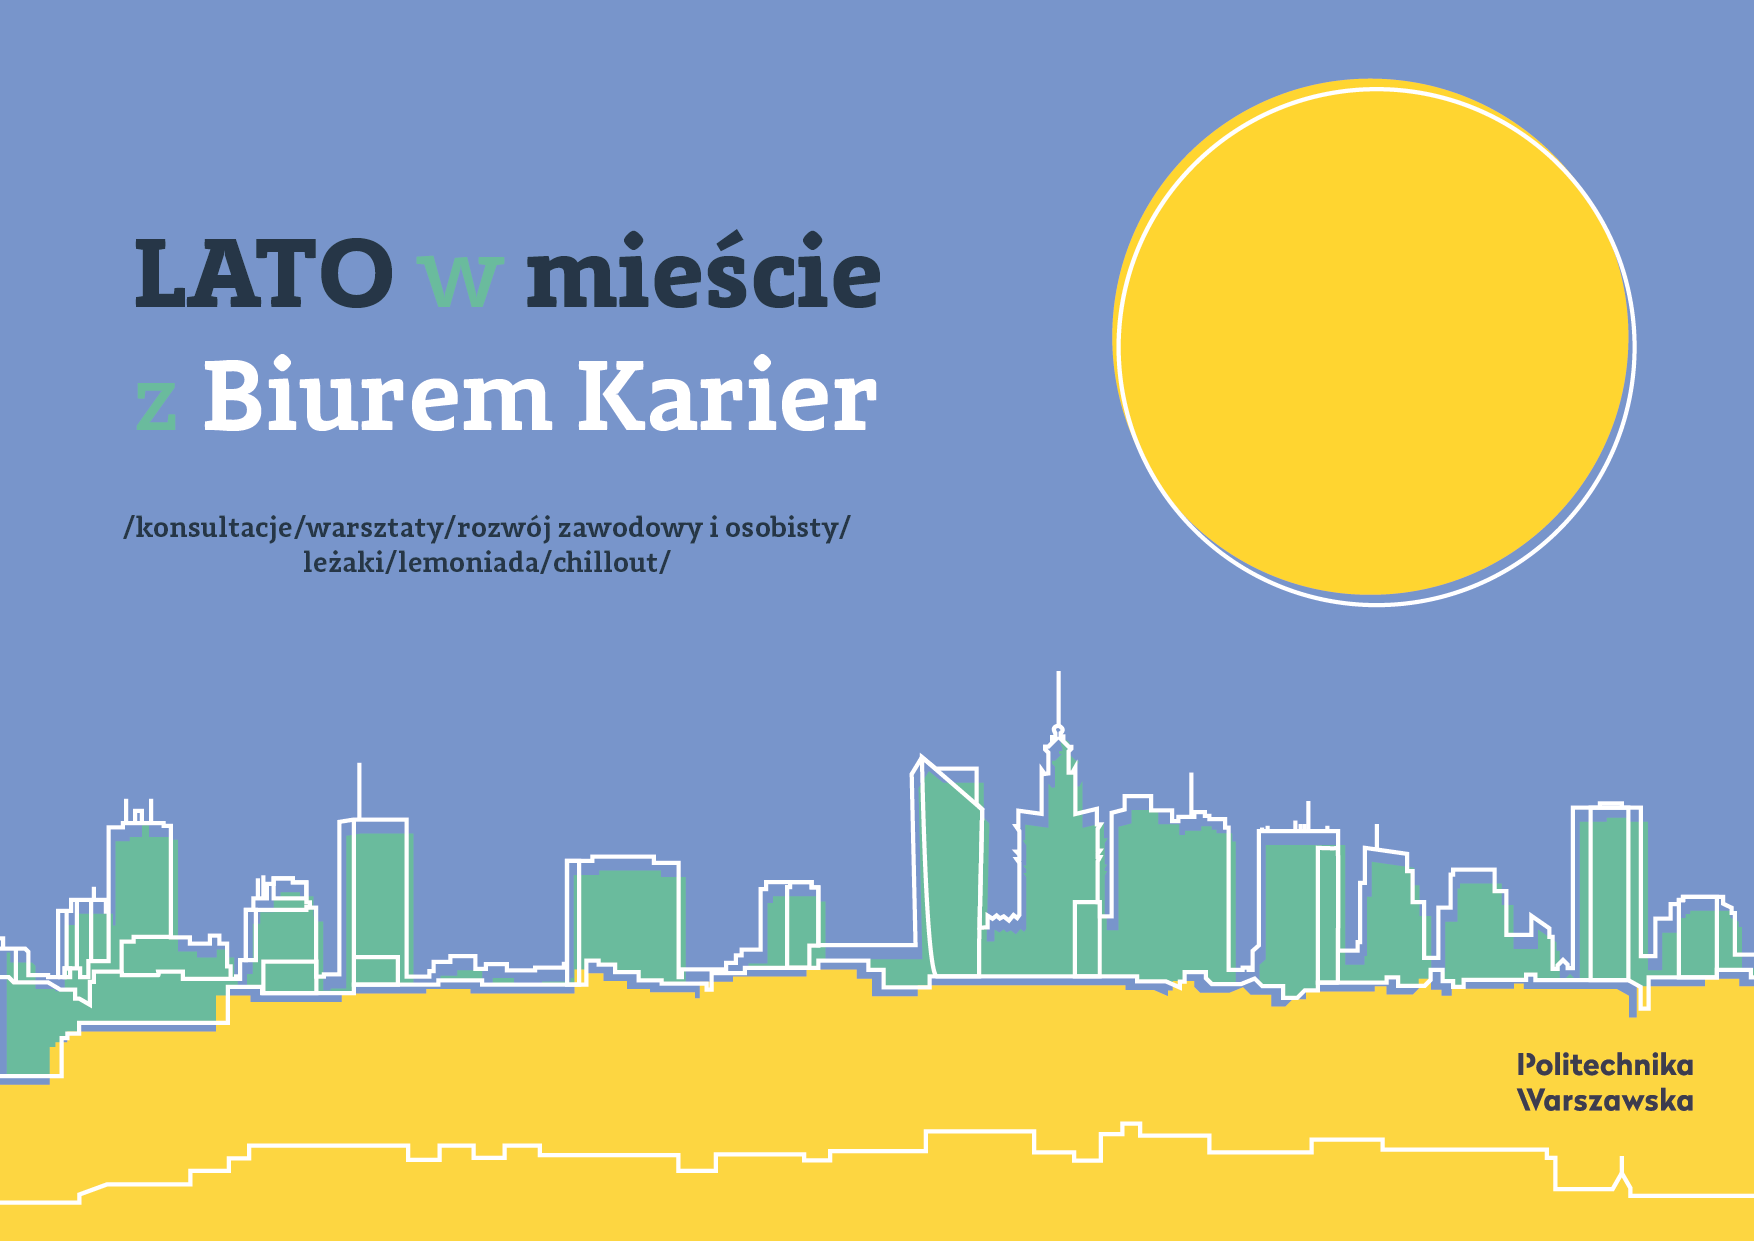 Lato w mieście z Biurem Karier